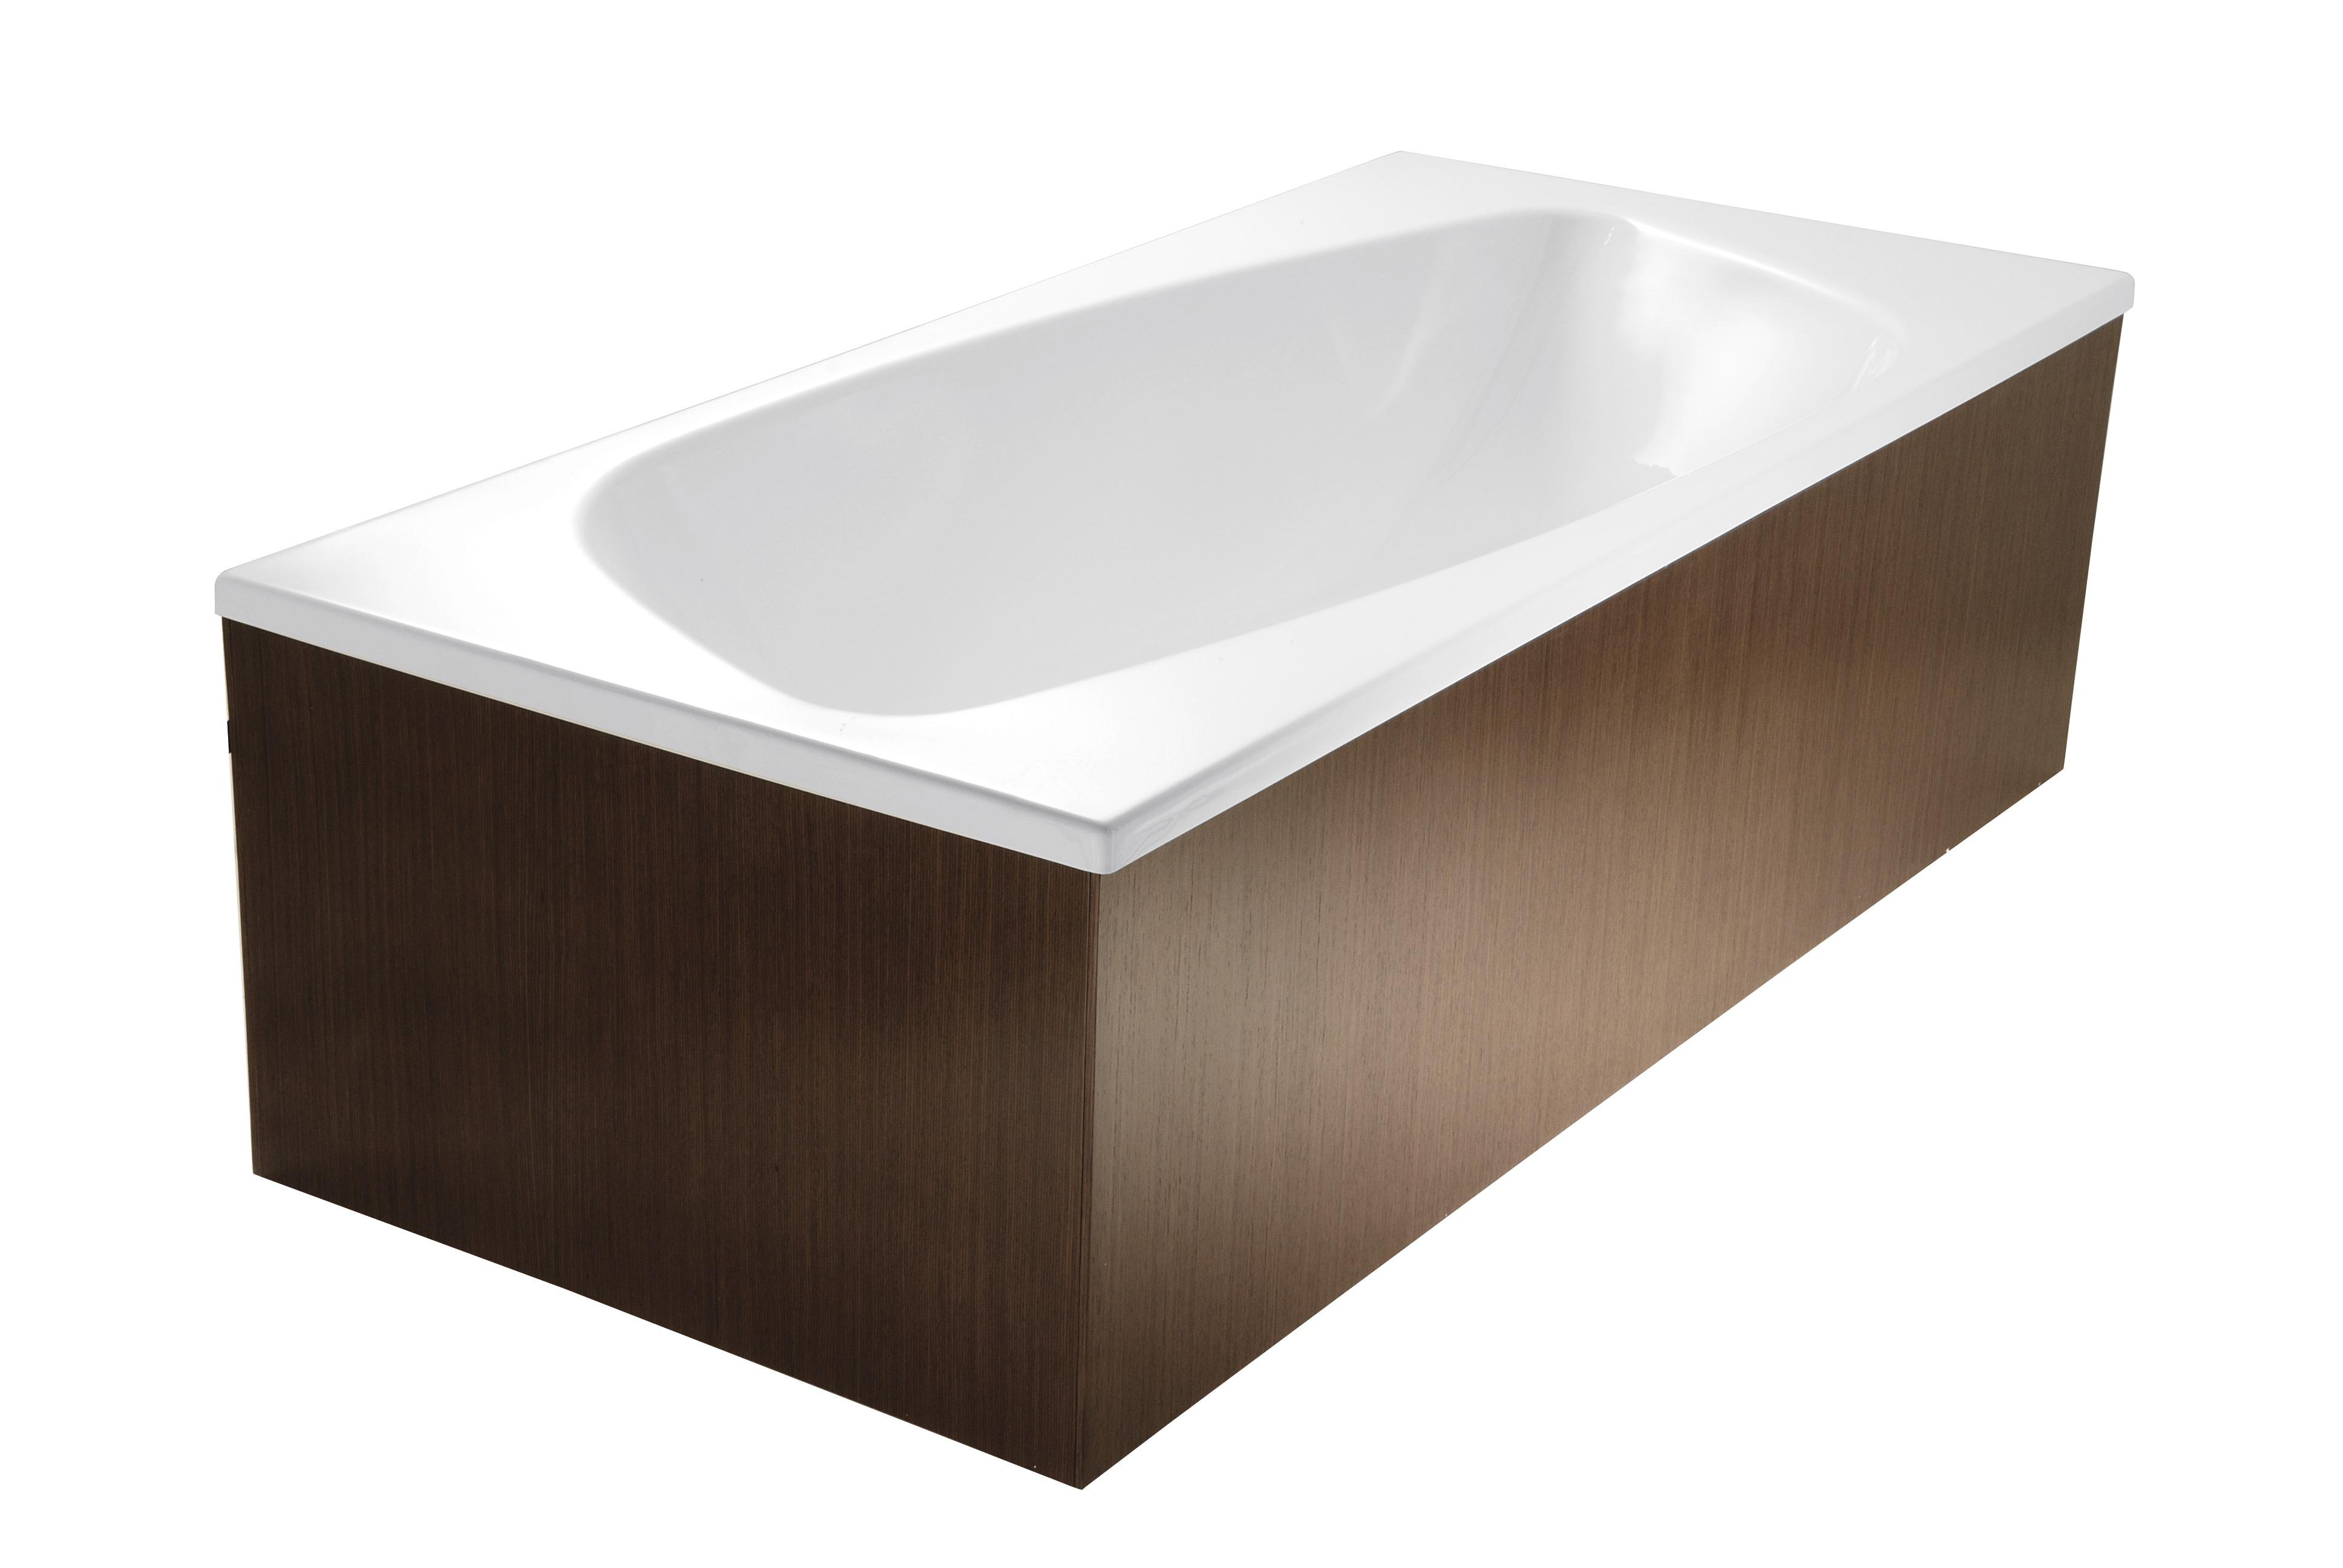 kale product detail. Black Bedroom Furniture Sets. Home Design Ideas